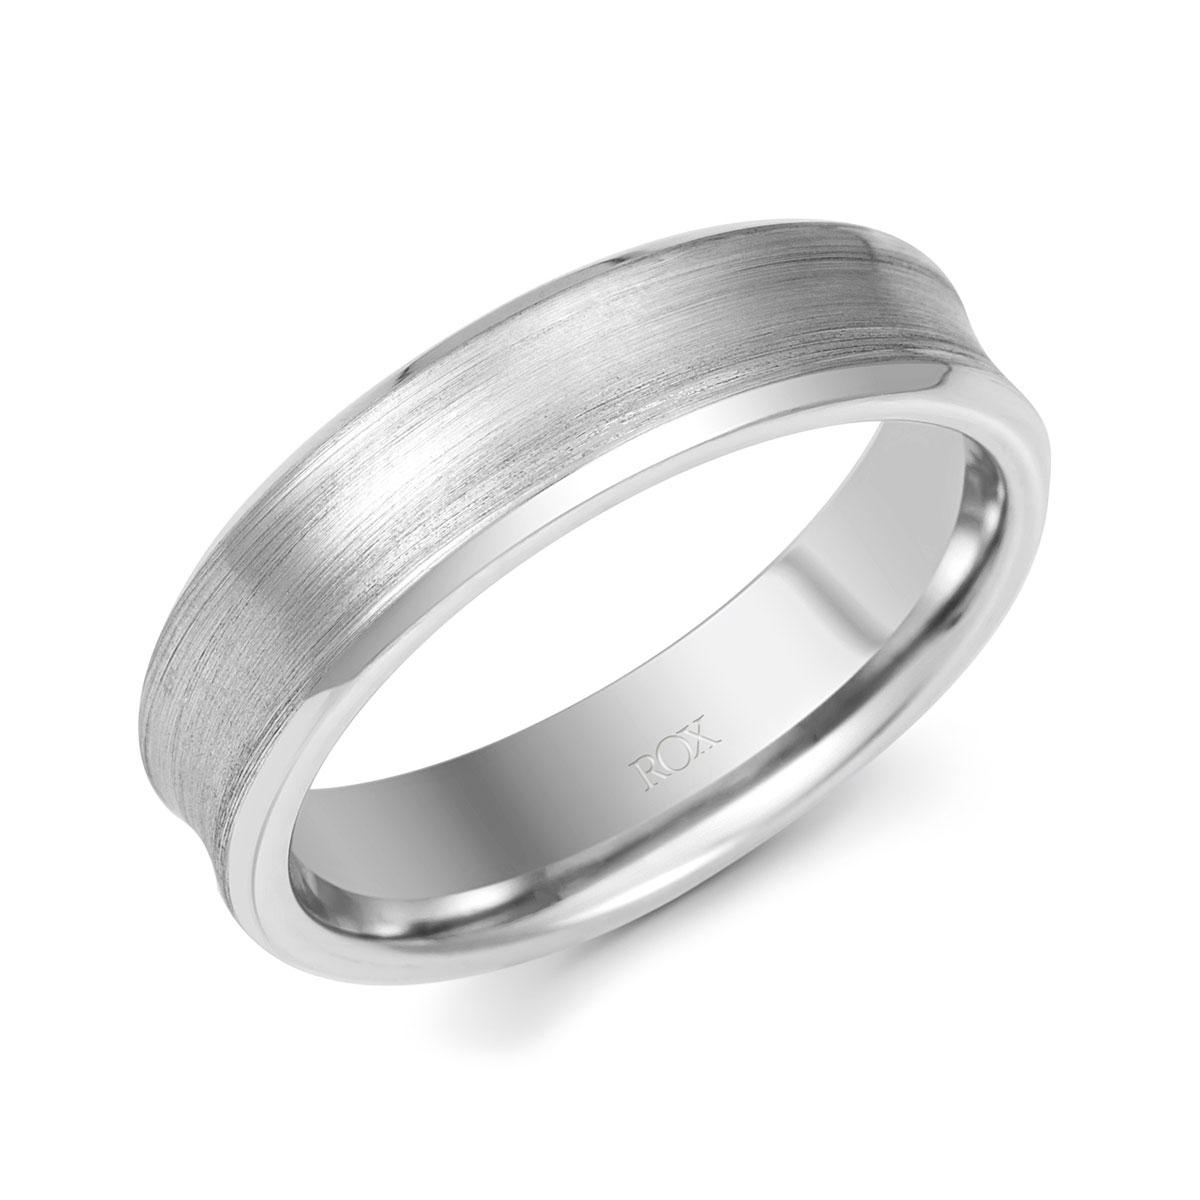 ROX Platinum Concave Wedding Ring 6mm